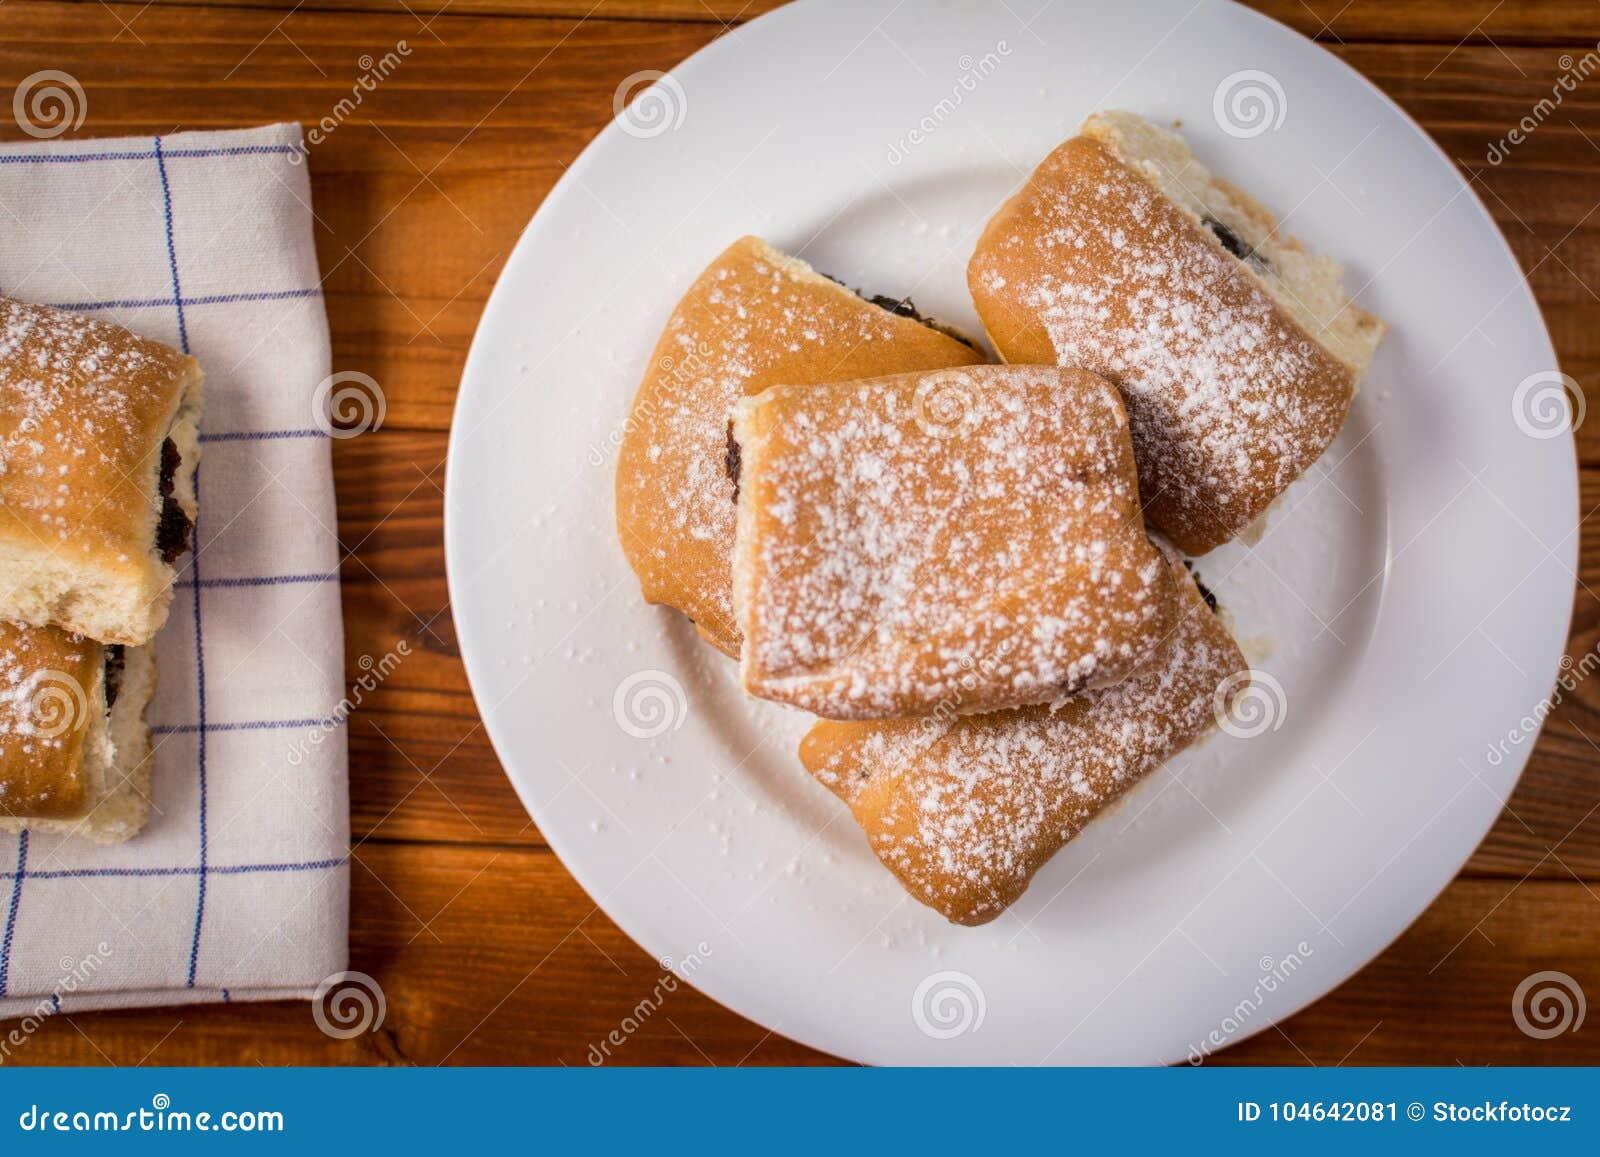 Download Broodjes met pruimjam stock afbeelding. Afbeelding bestaande uit up - 104642081